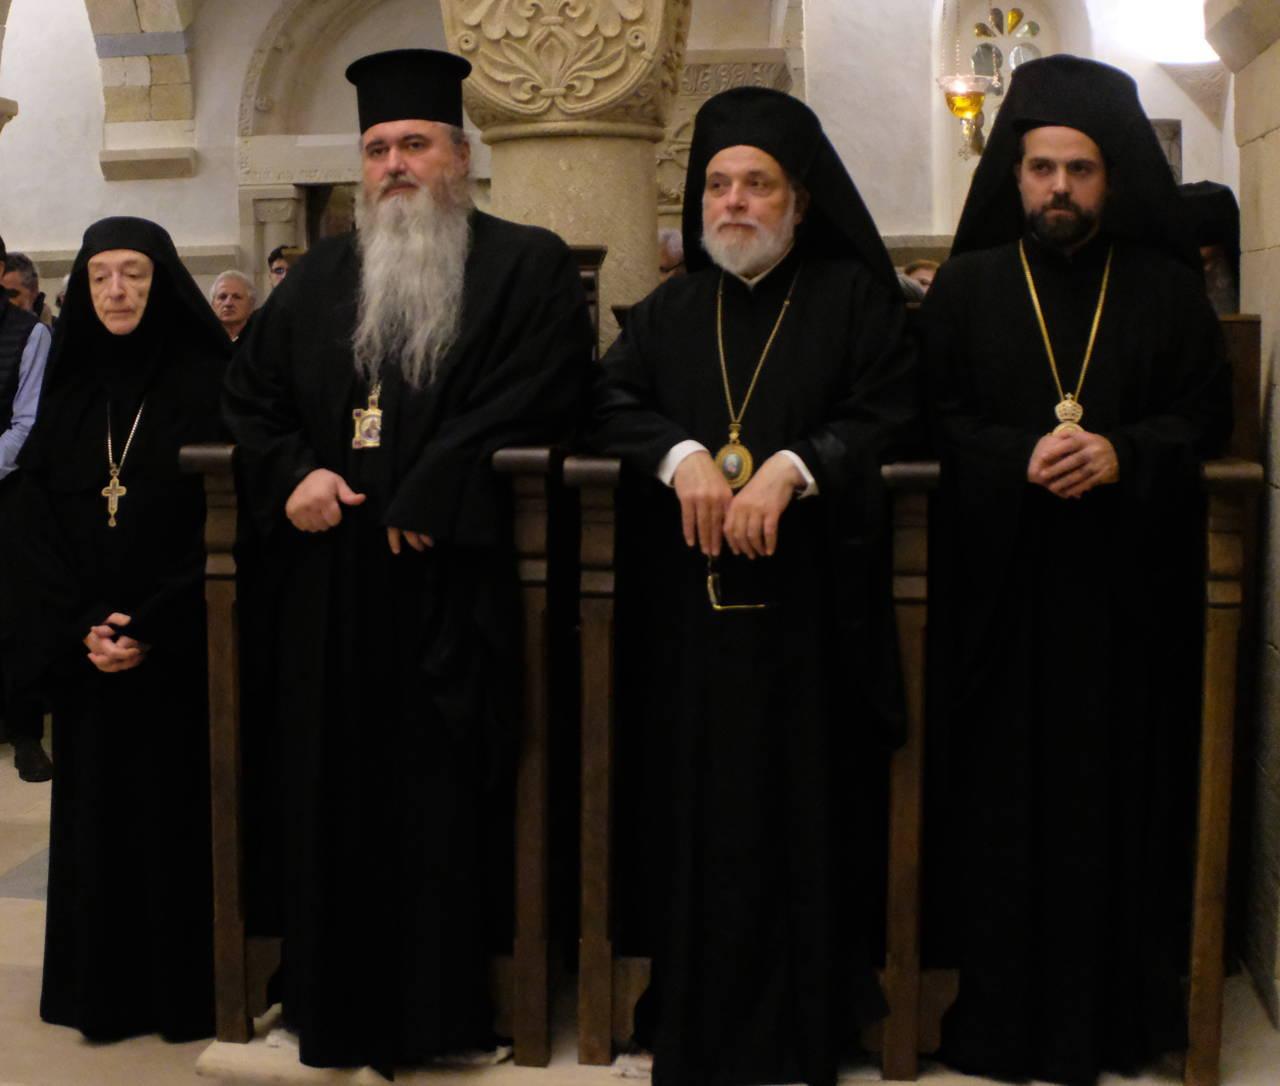 12 10 2019 49 - Λαμπρά εγκαίνια του Καθολικού της Ι. Μονής Αγίας Σκέπης Σολάν